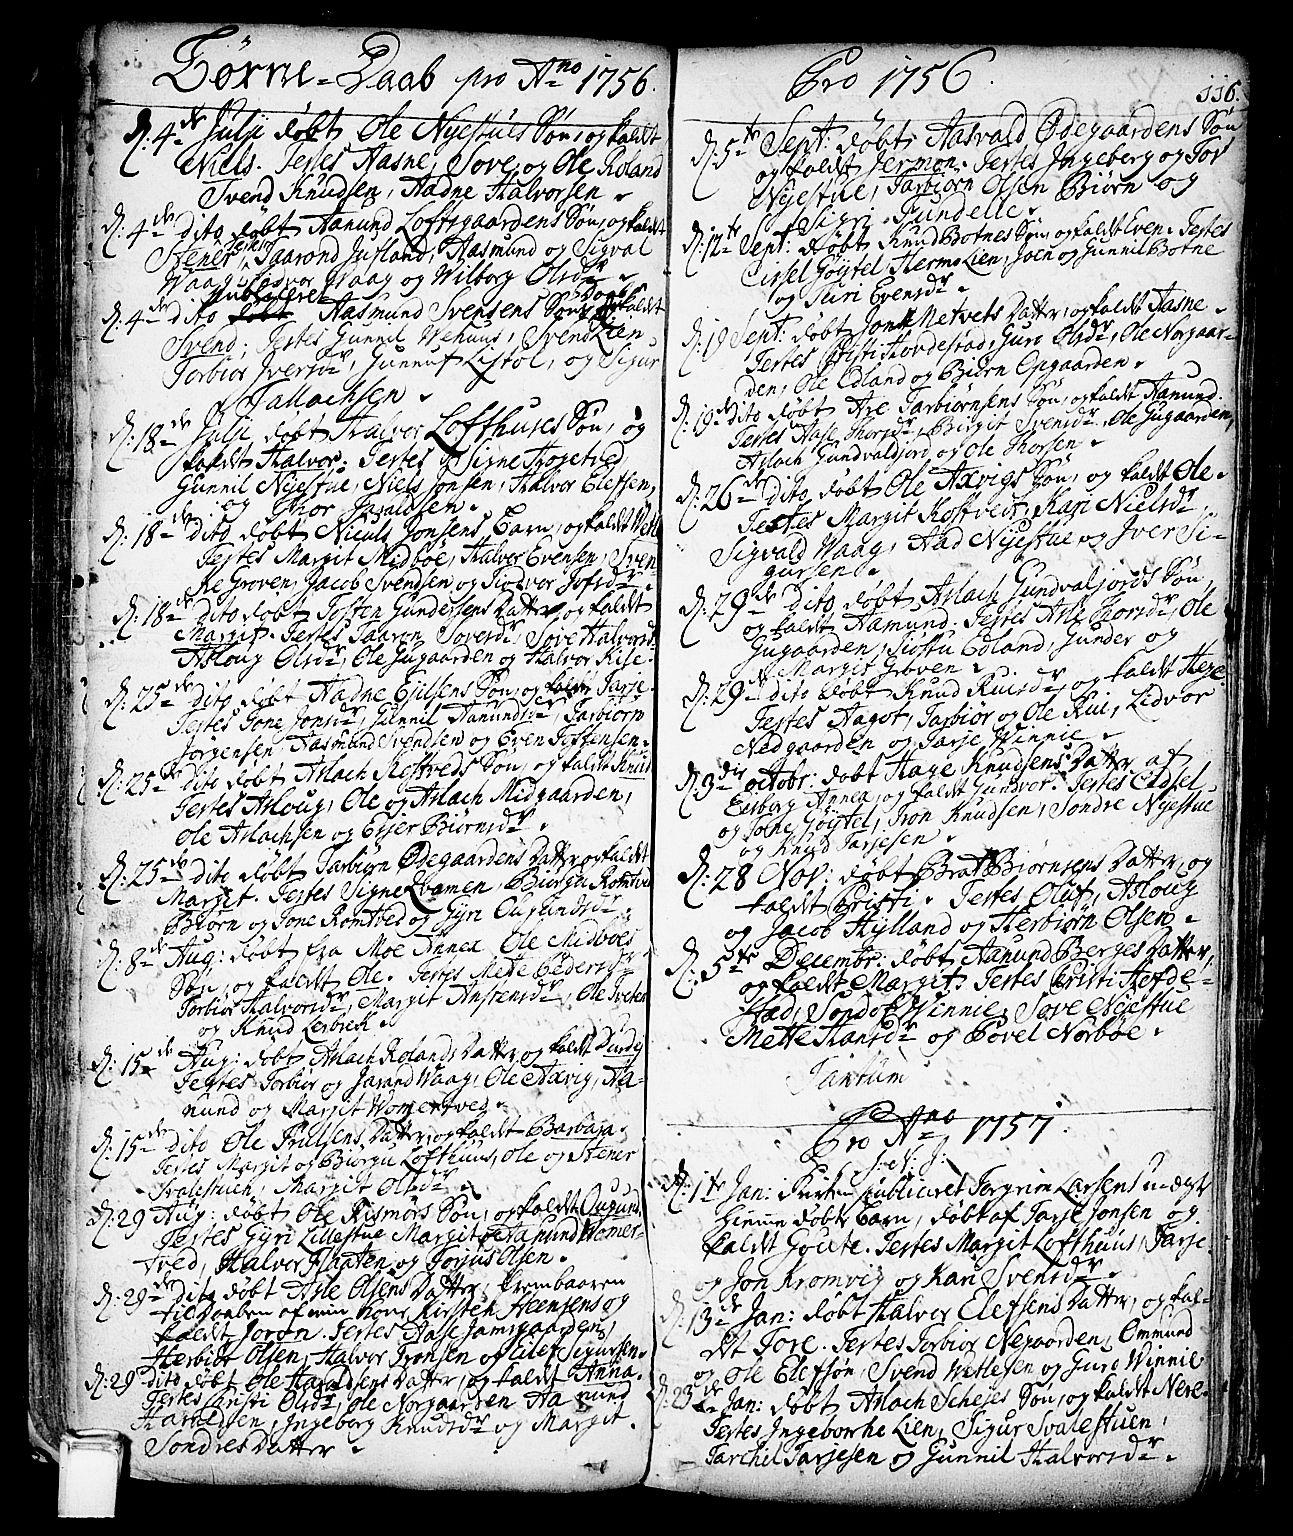 SAKO, Vinje kirkebøker, F/Fa/L0001: Ministerialbok nr. I 1, 1717-1766, s. 116